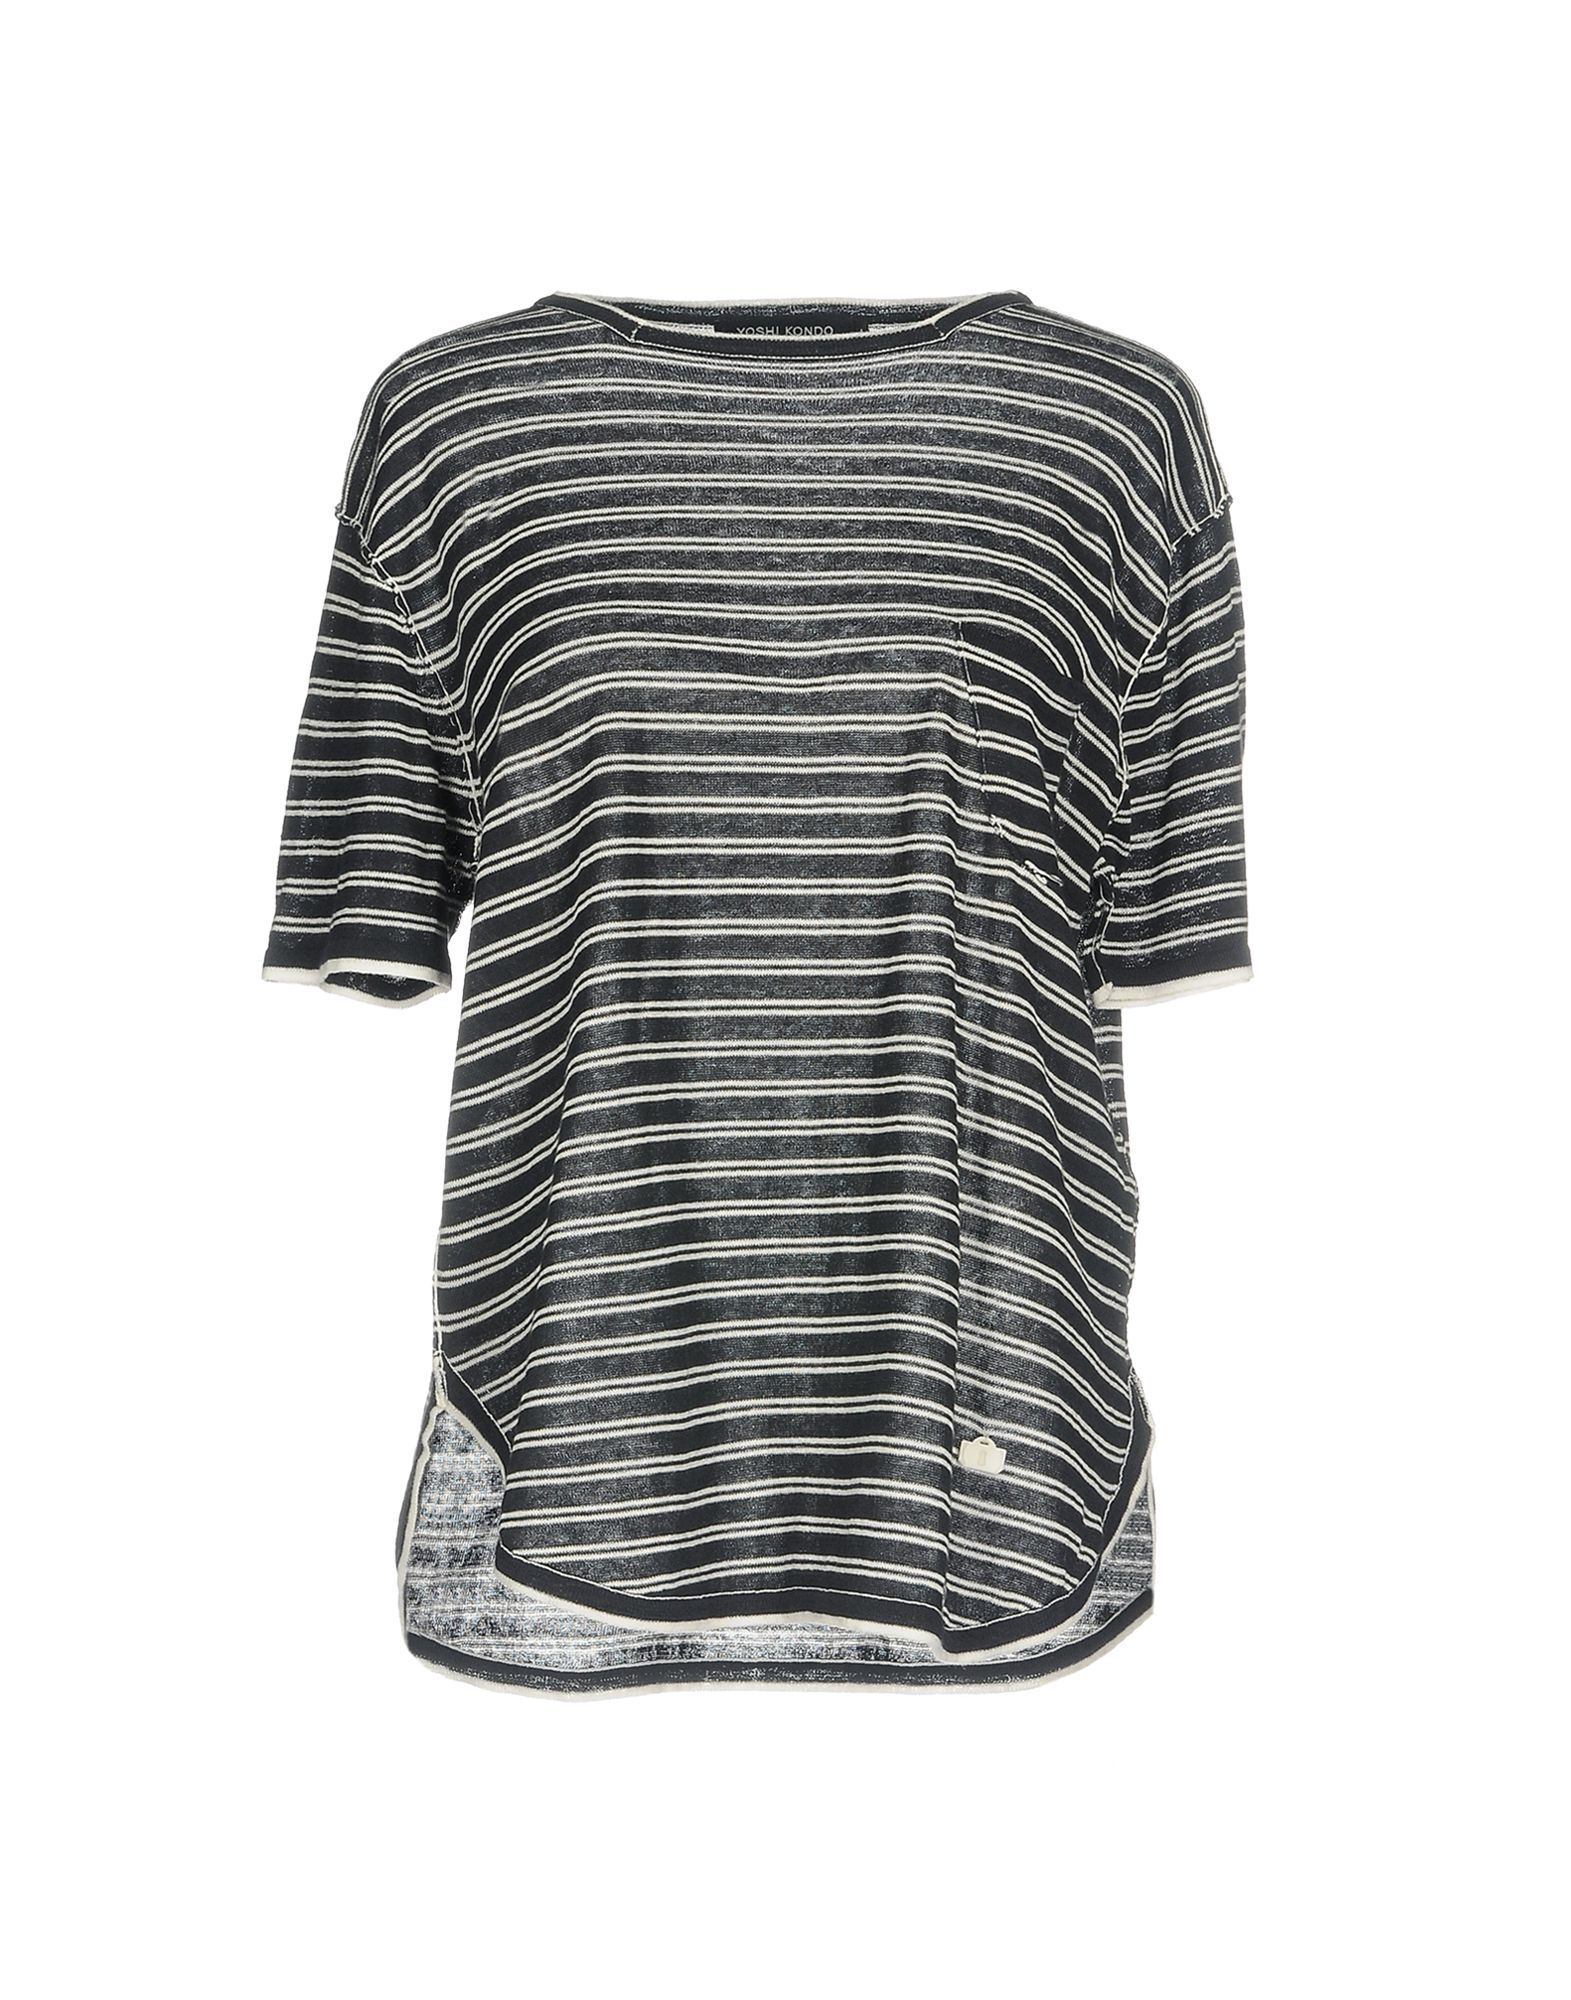 YOSHI KONDO Sweater in Black